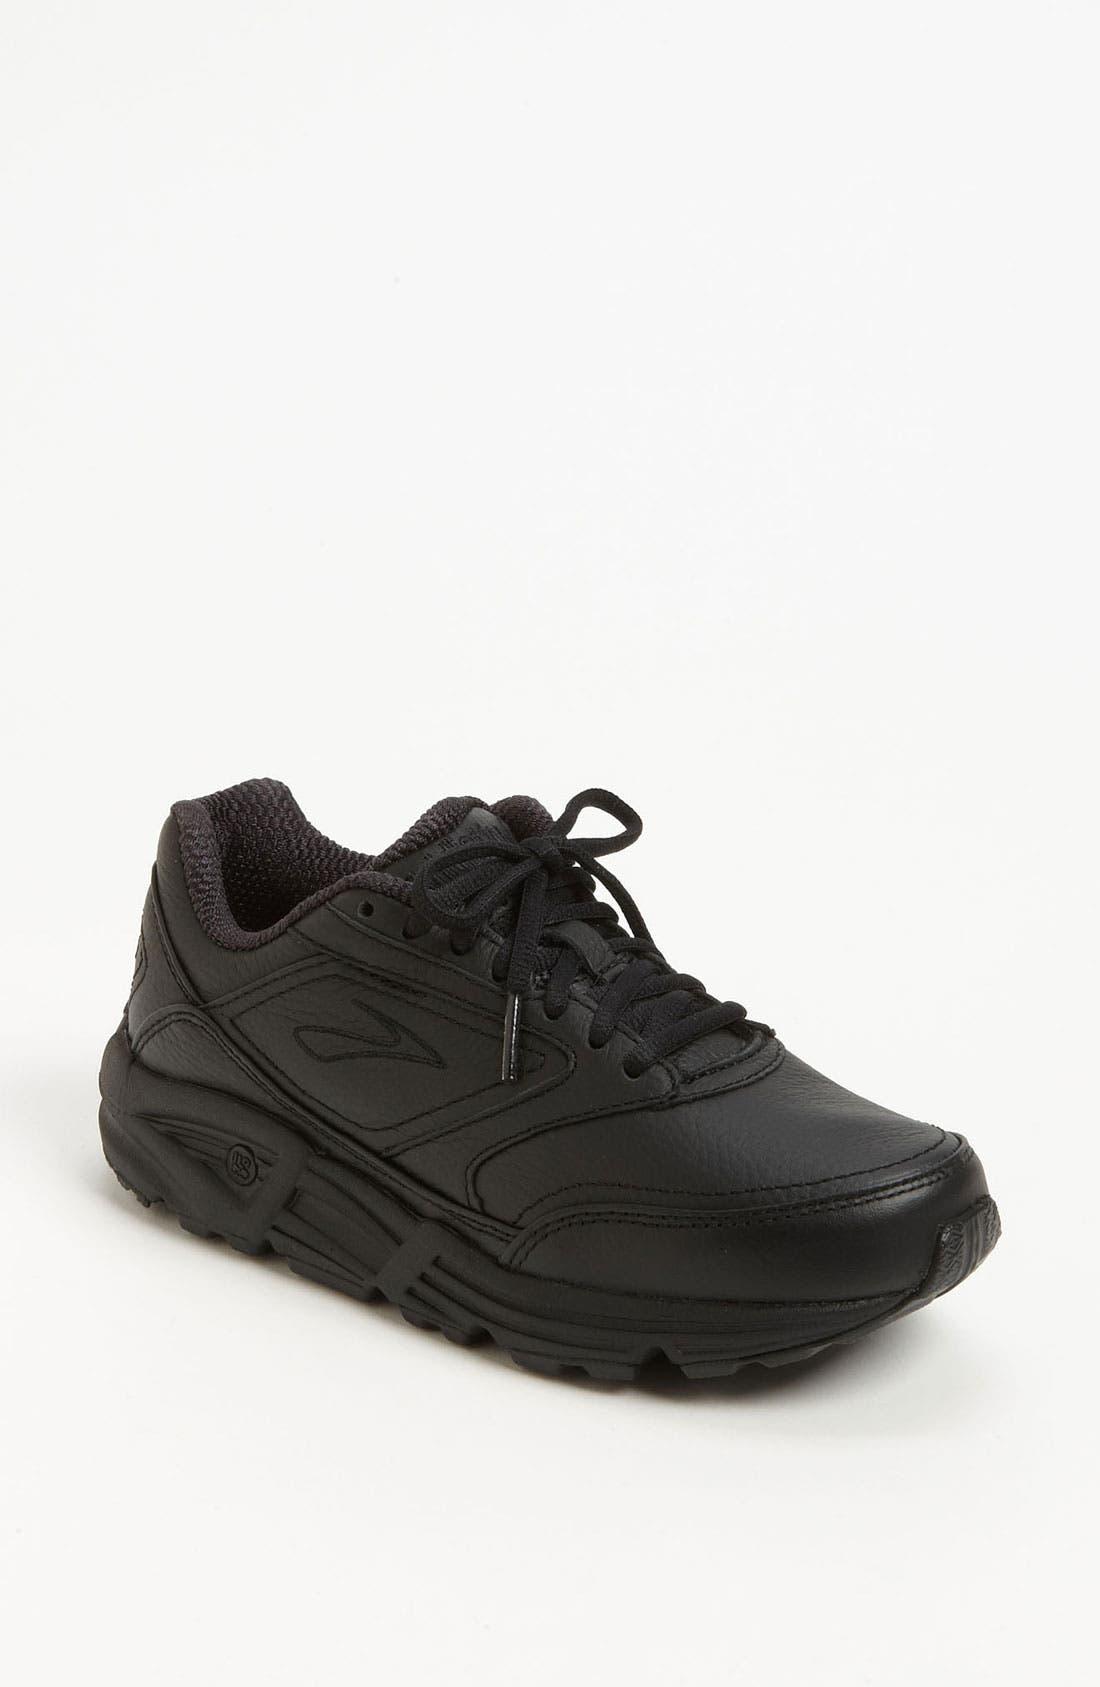 104f2b7fc79 Brooks Women s Shoes